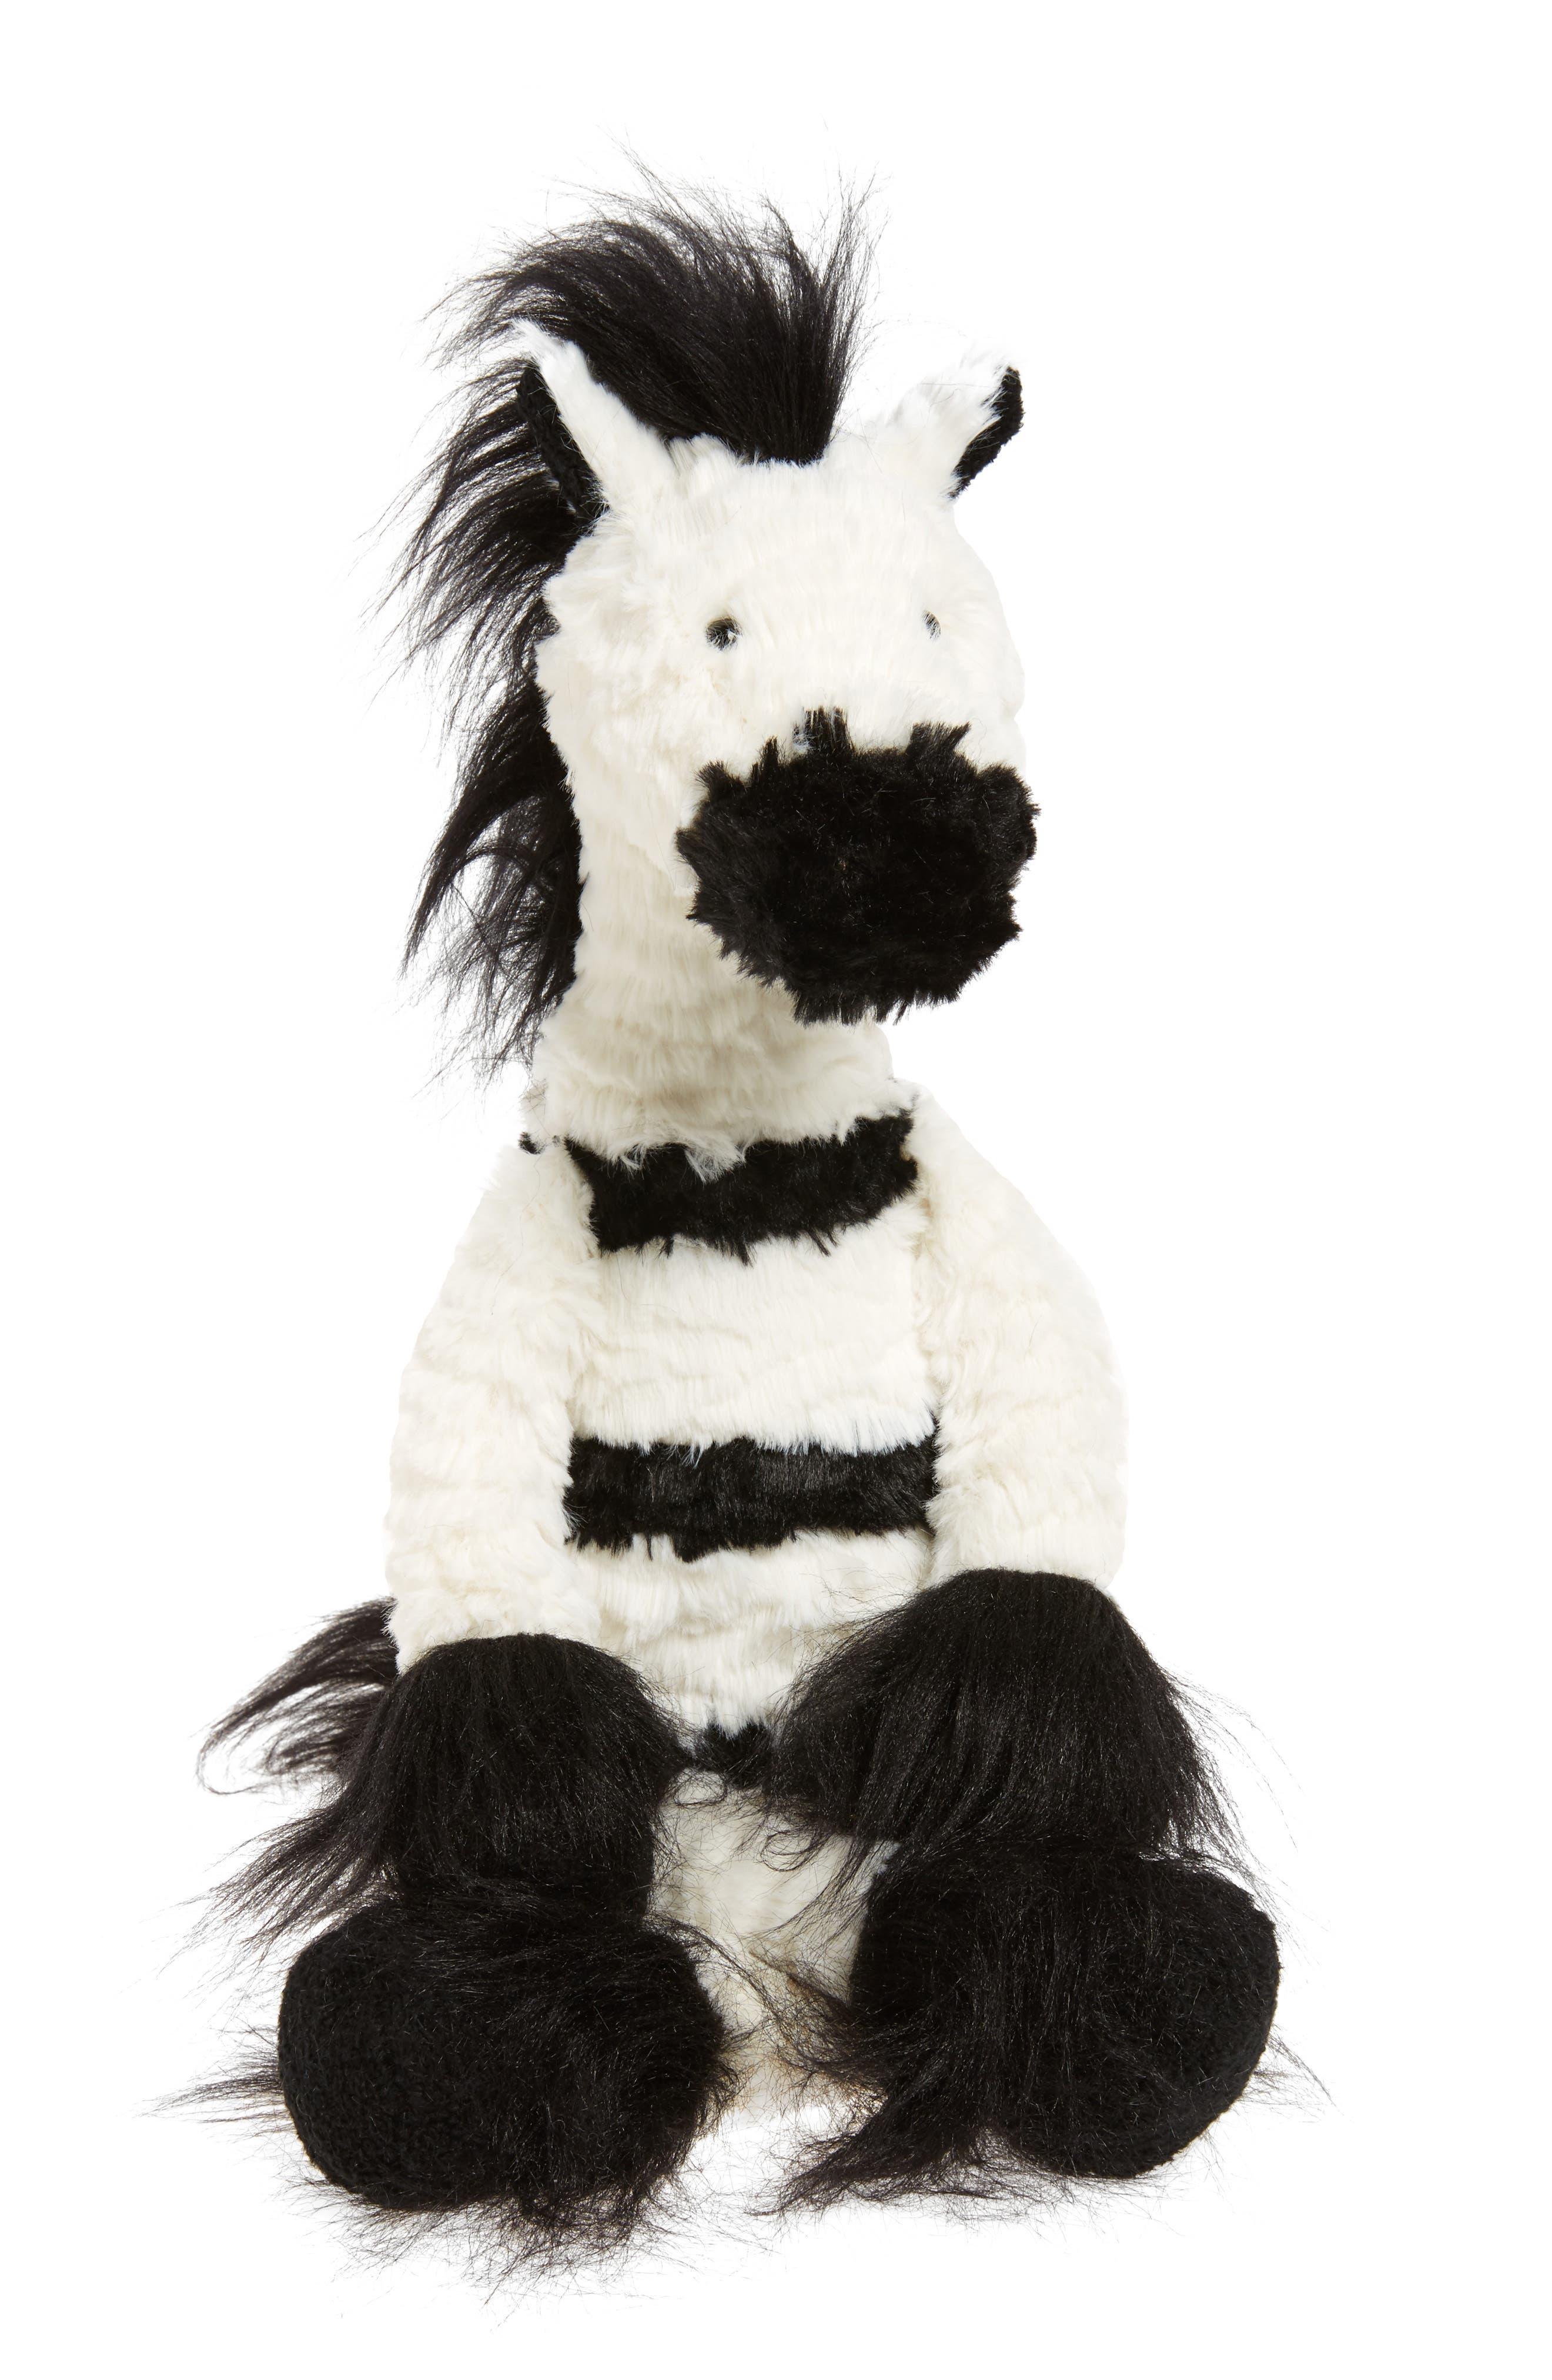 Jellycat Dainty Zebra Stuffed Animal